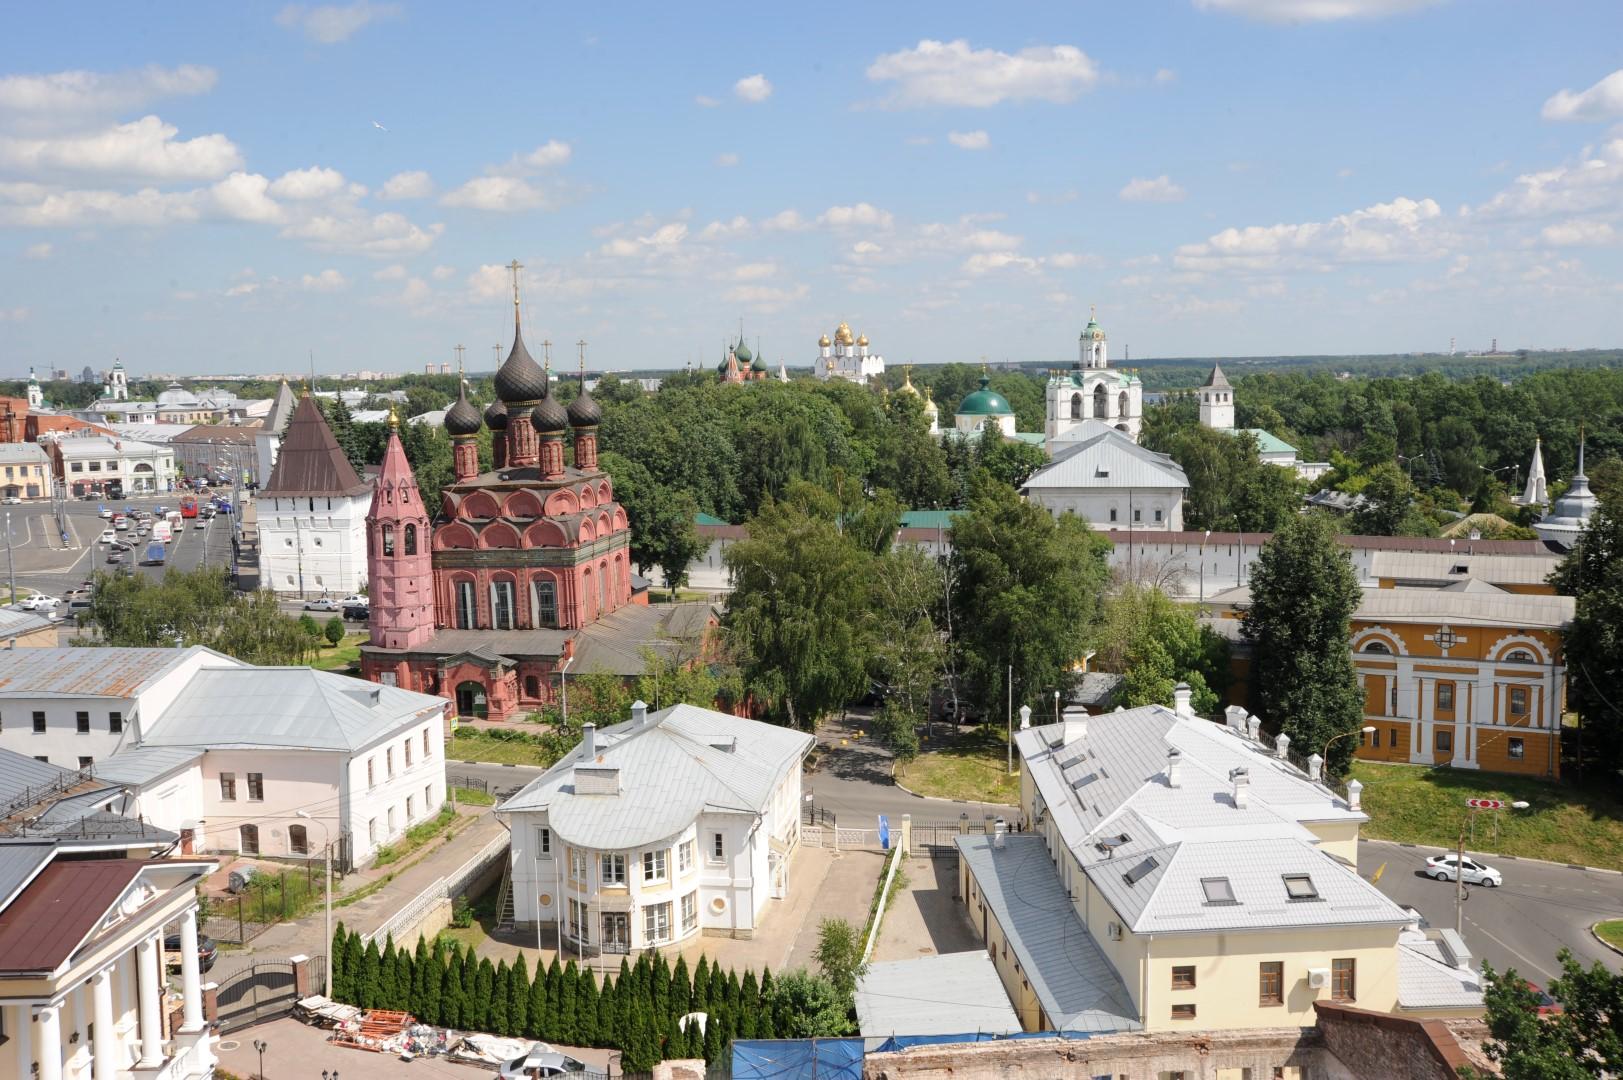 Школьники из Калужской области посетят Ярославль в рамках нацпроекта «Культура»